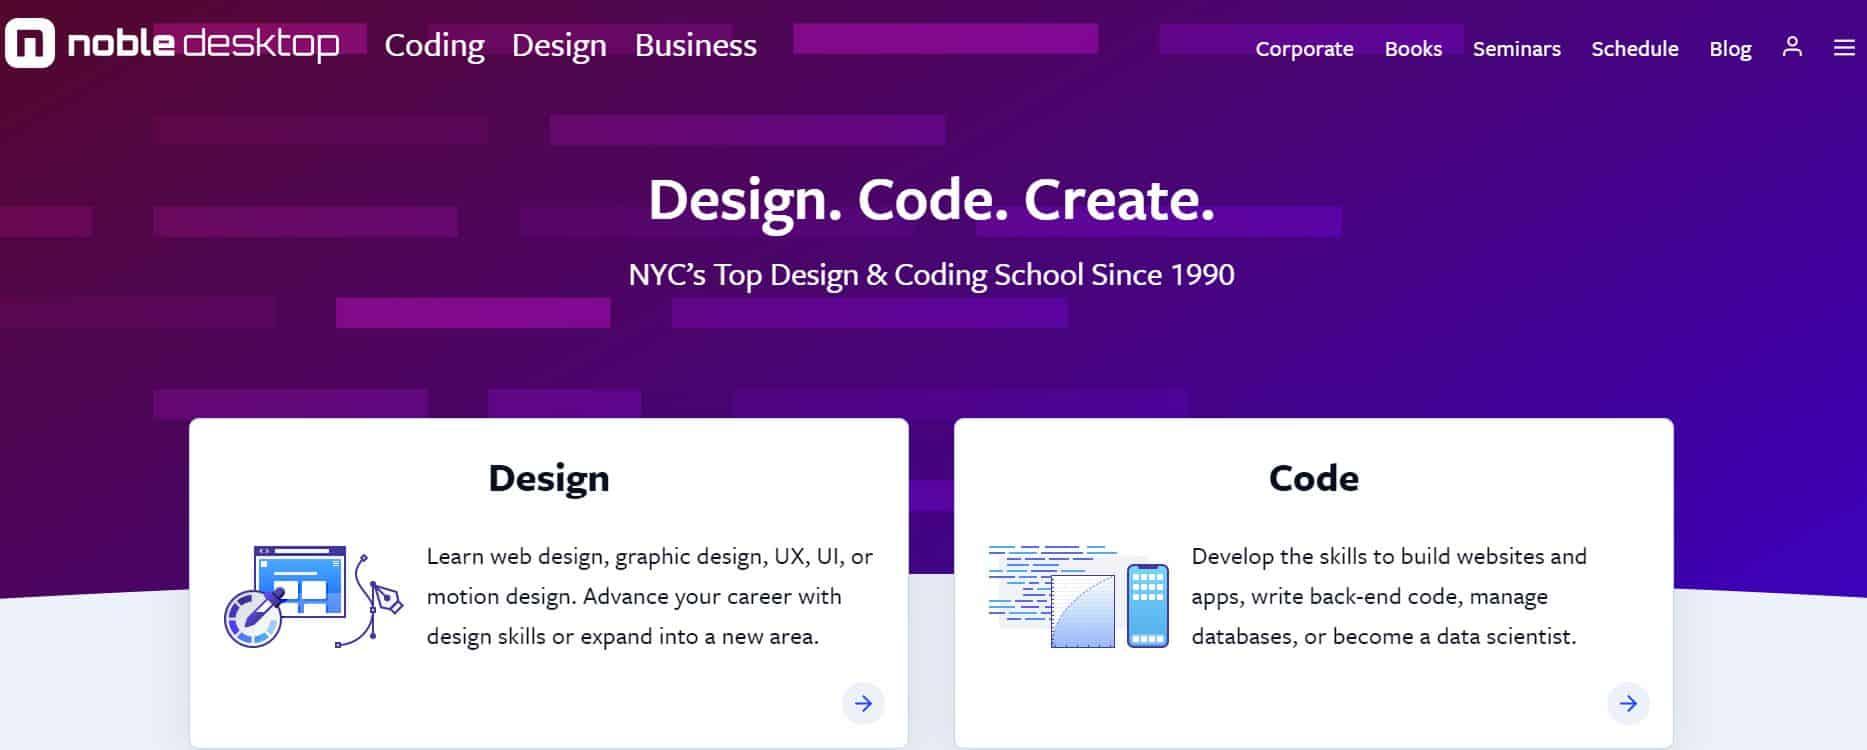 Noble Desktop NYC